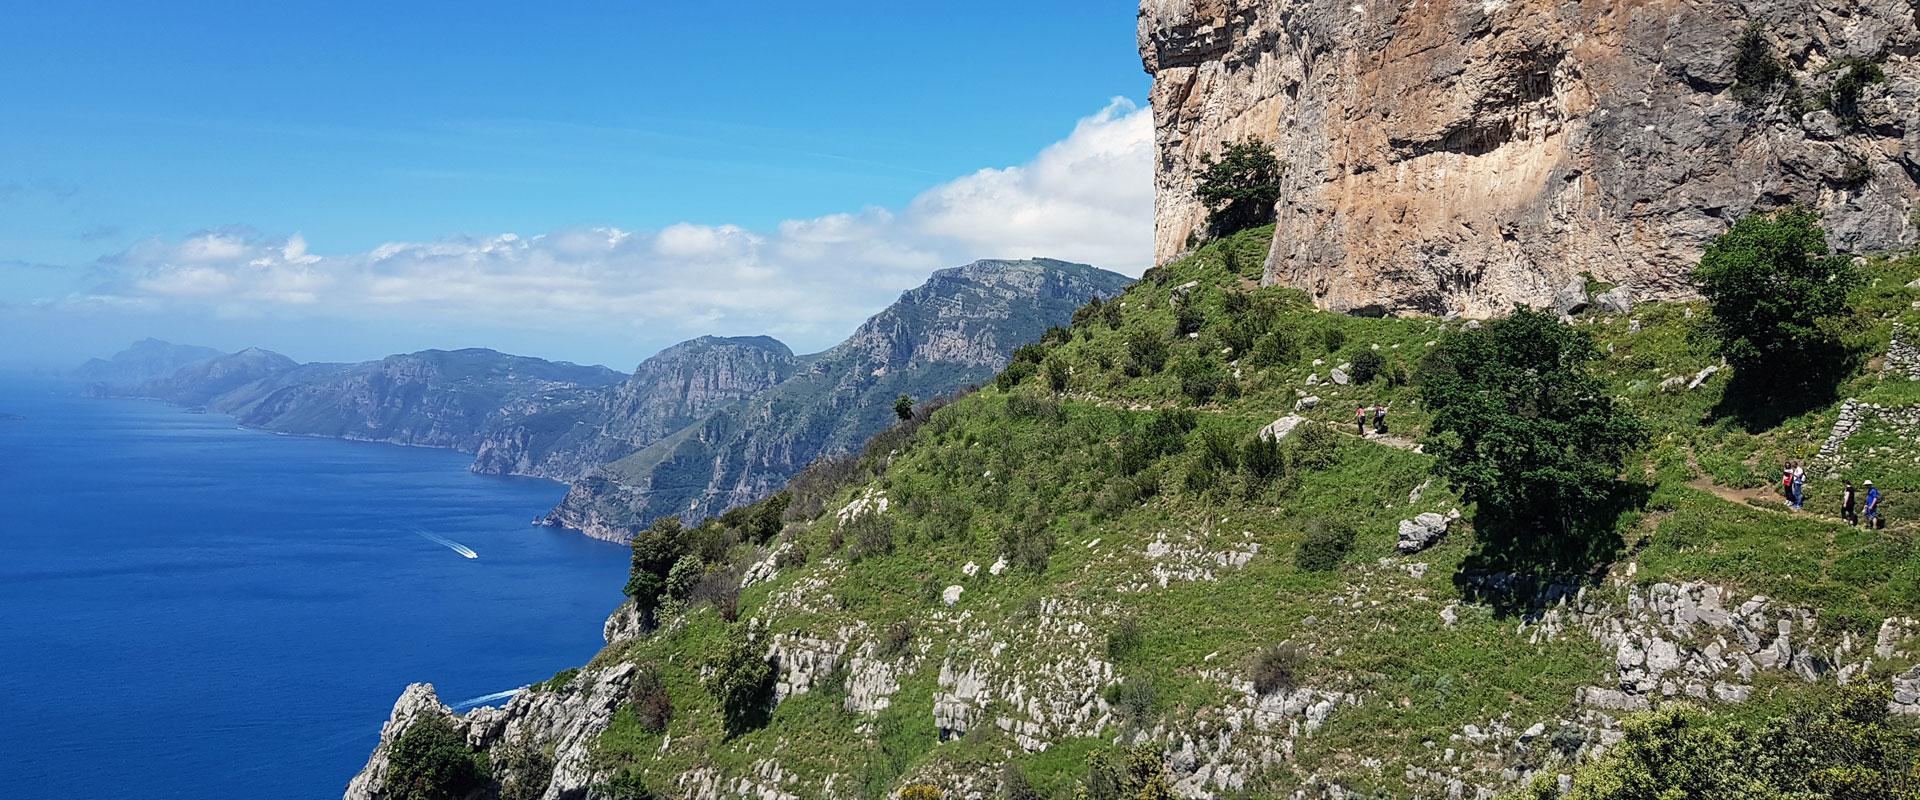 Amalfikysten og Capri vandreferie